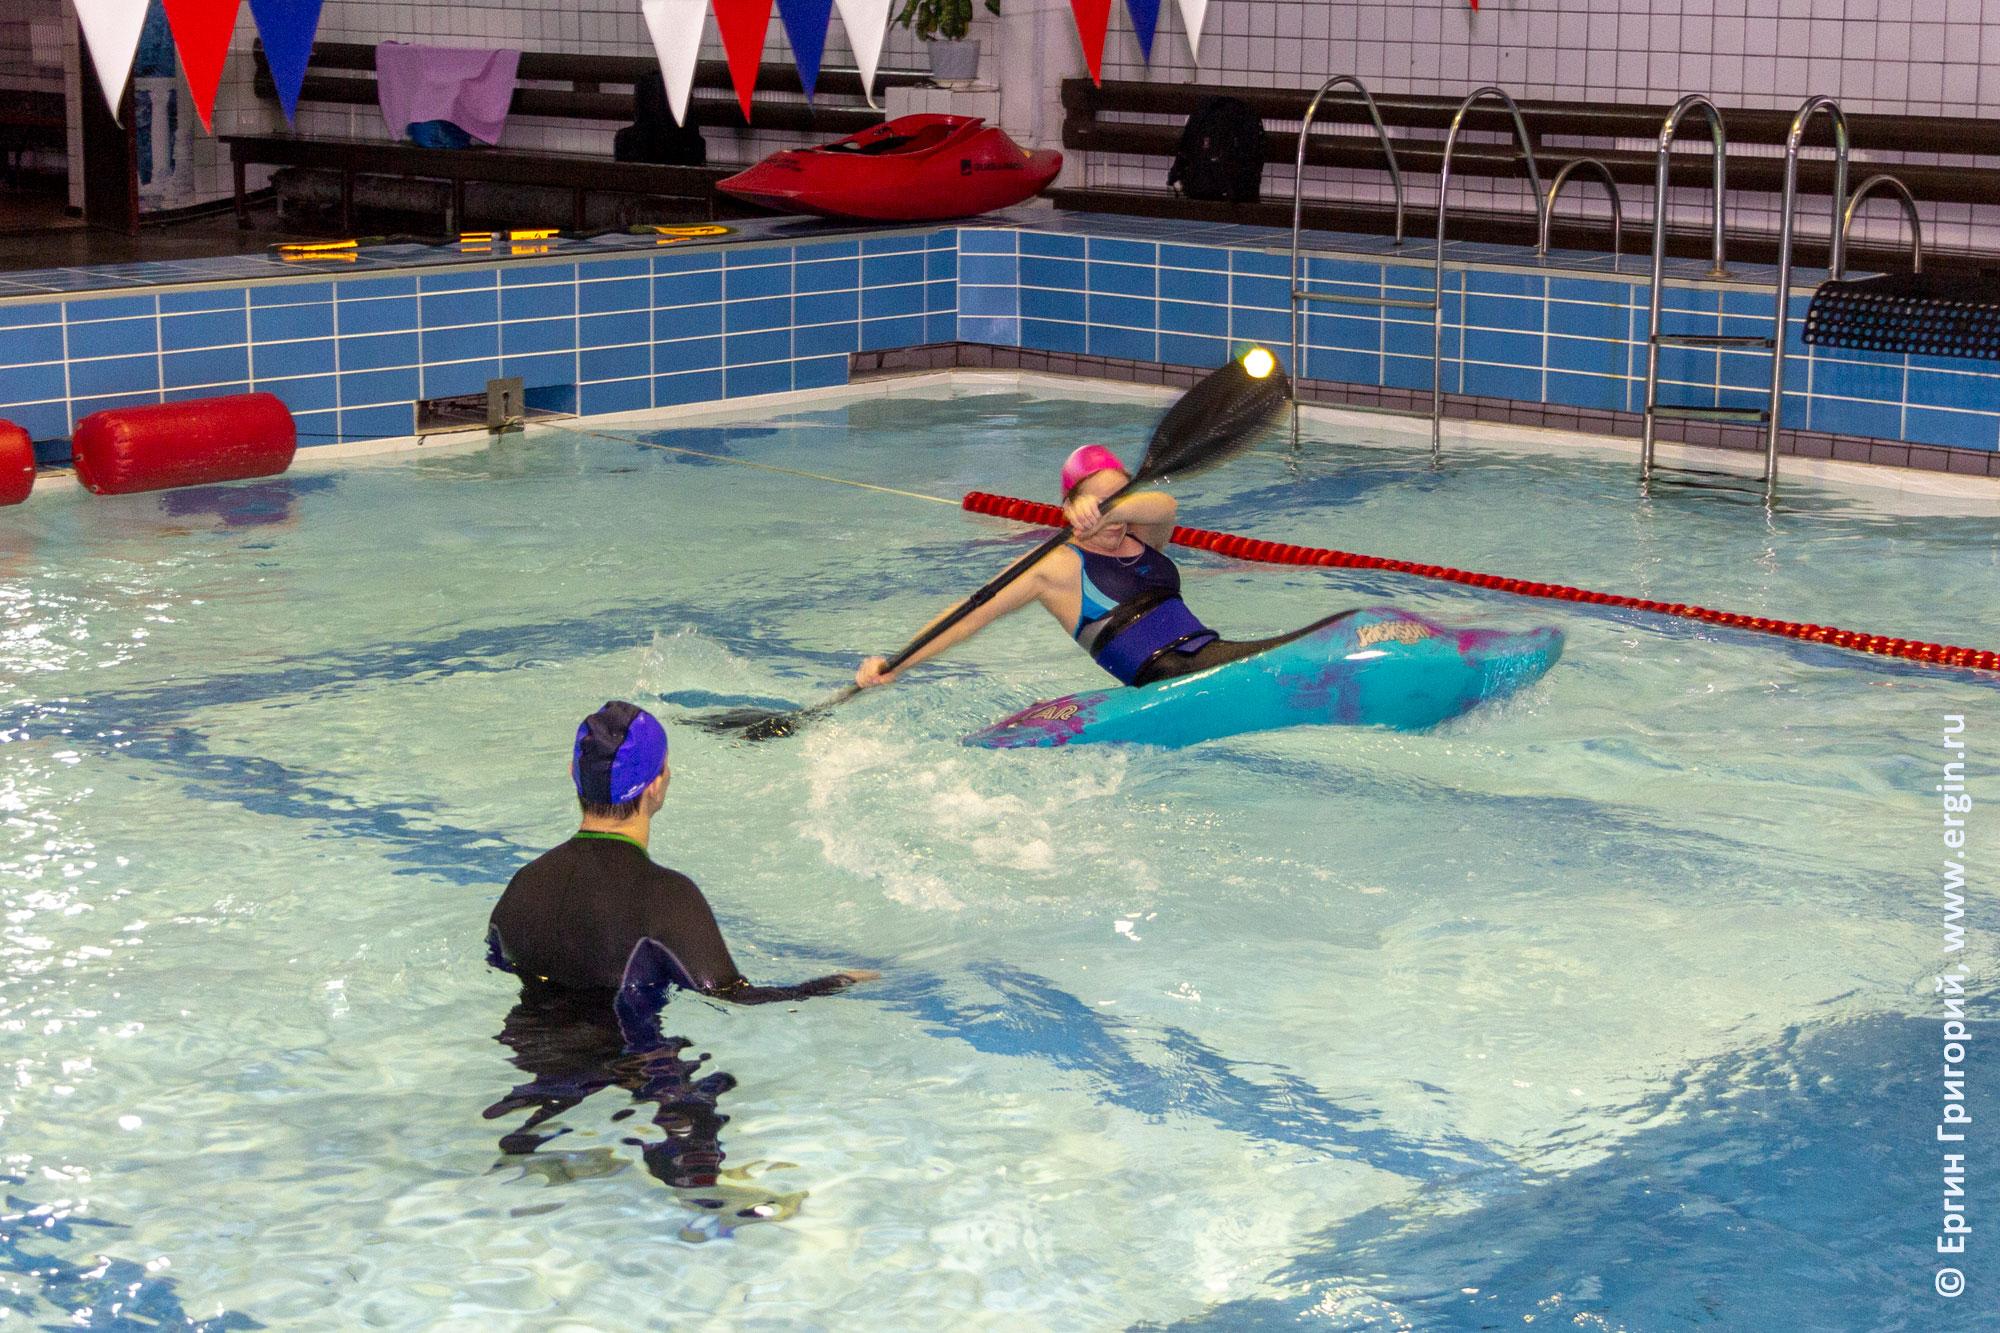 Отработка элемента фристайл-каякинга в бассейне с тренером